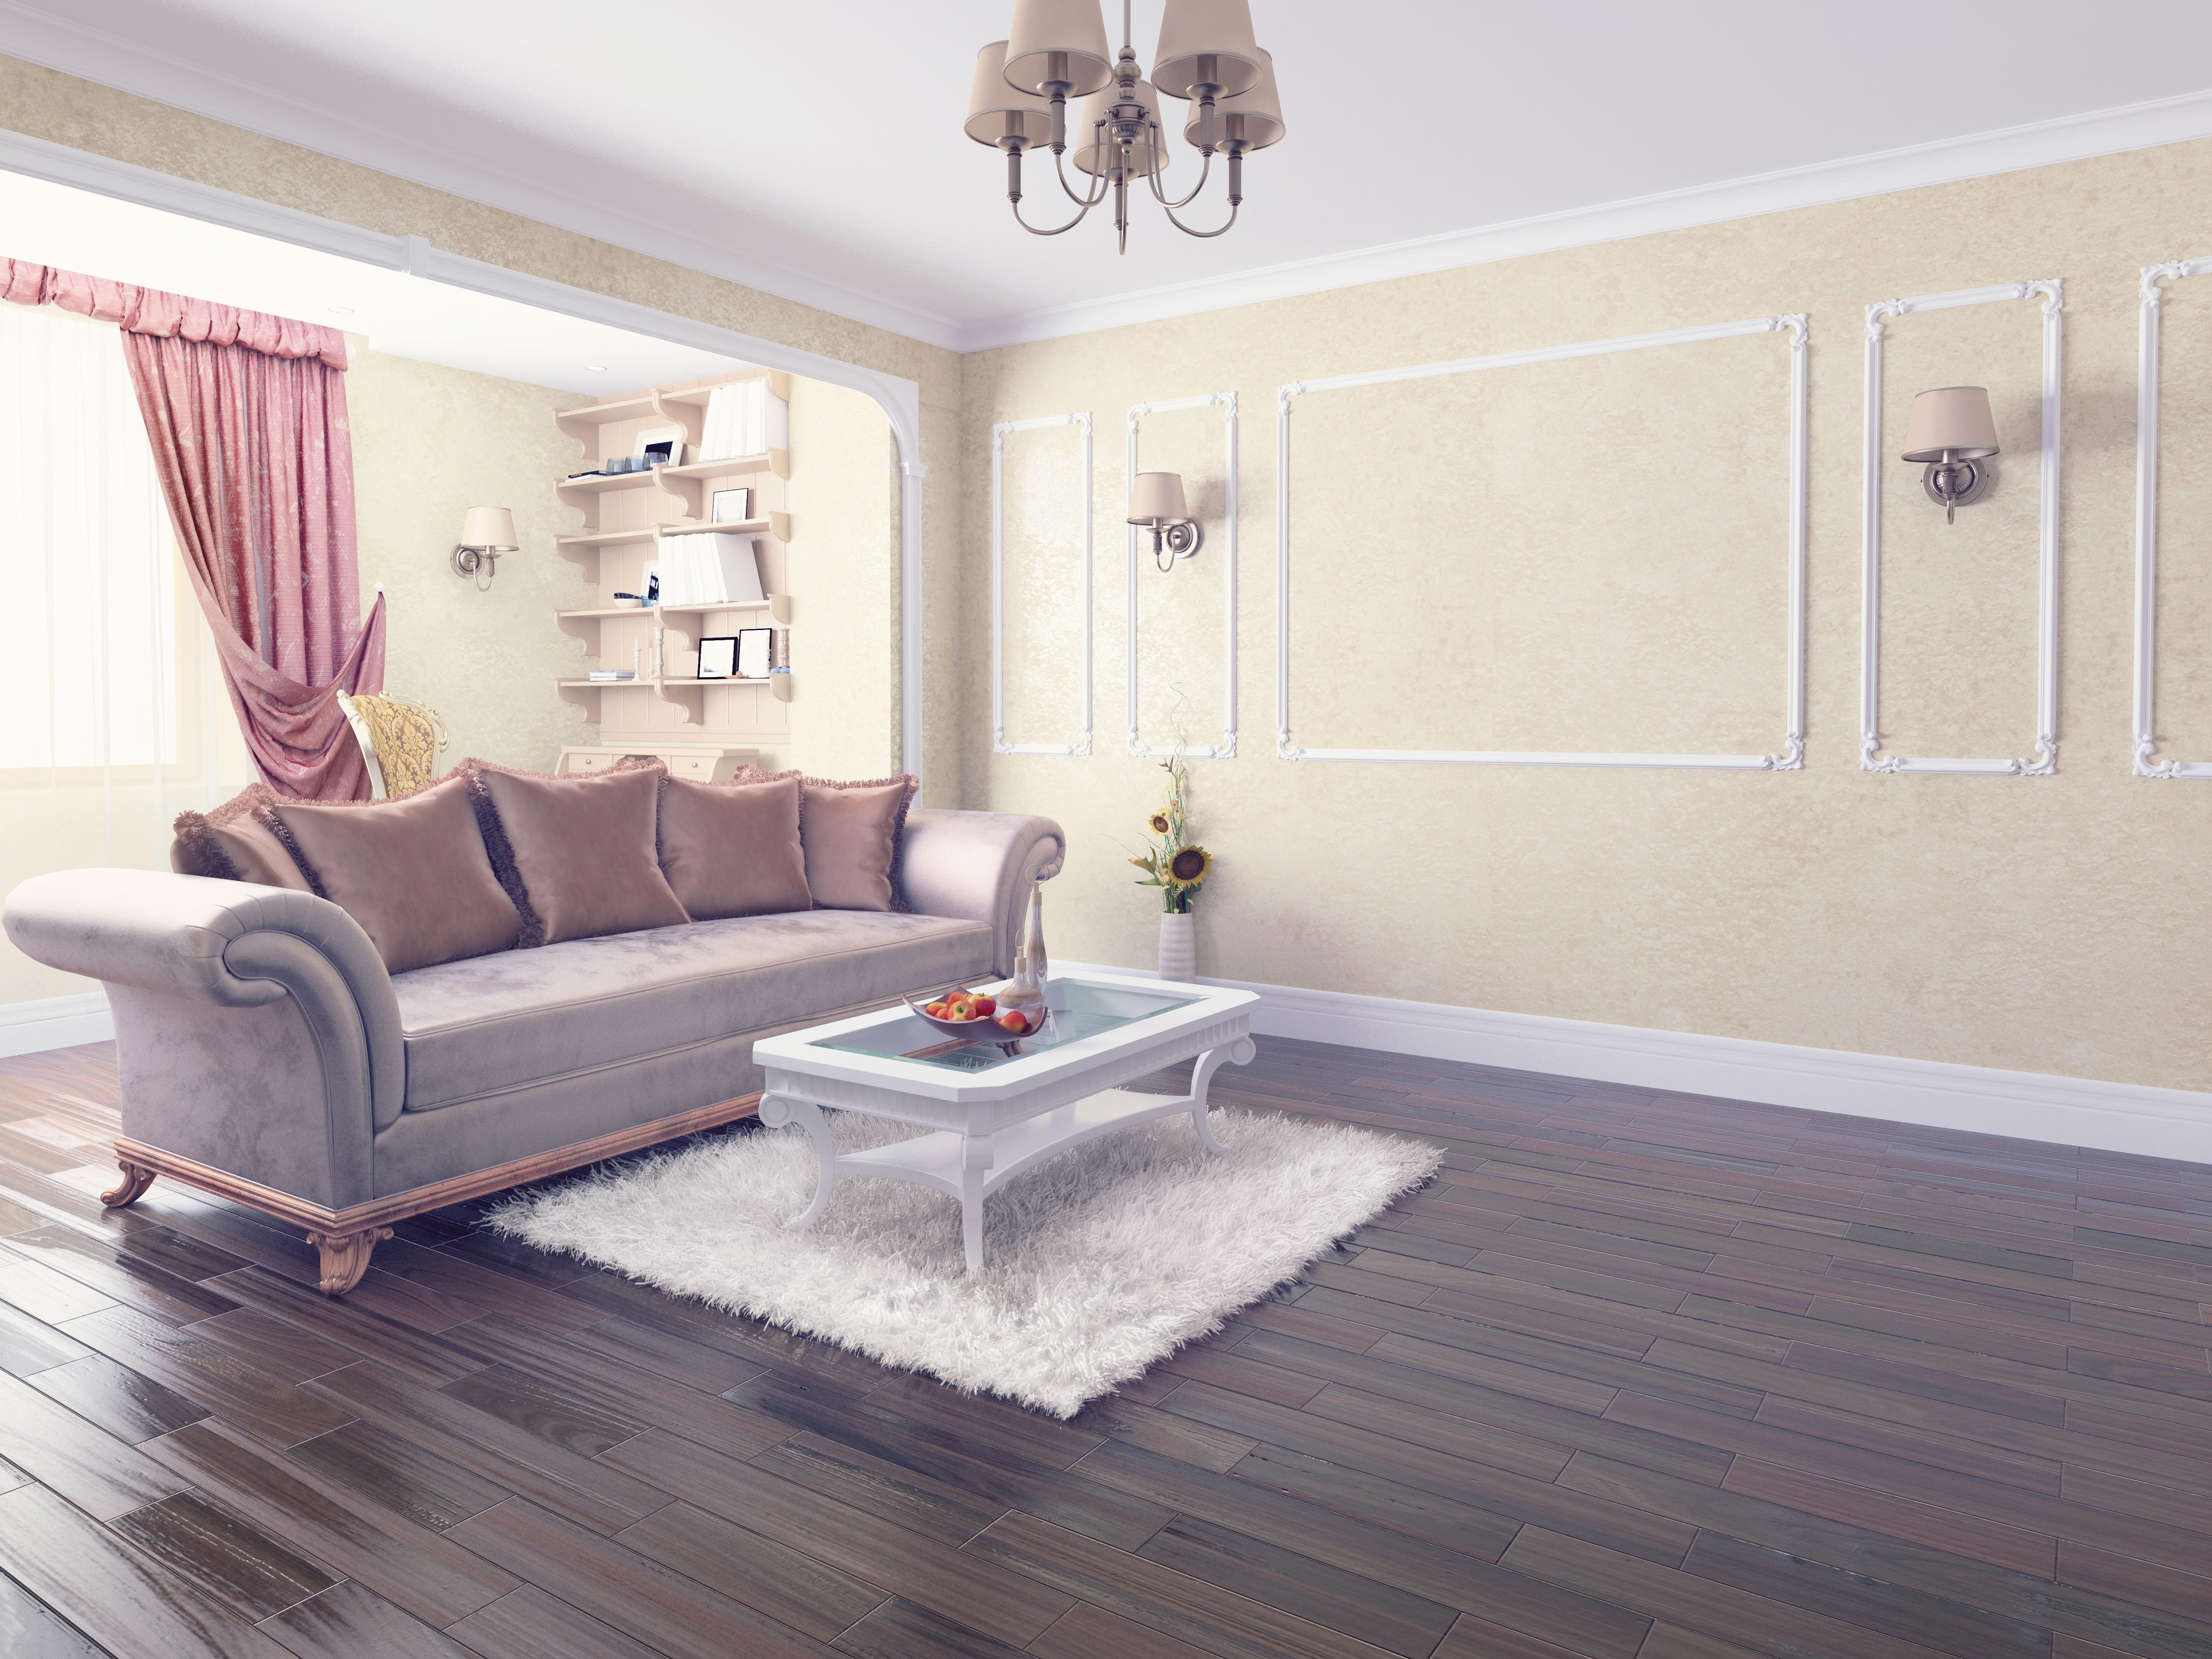 109720 скачать обои Интерьер, Разное, Мебель, Комната, Стильно - заставки и картинки бесплатно